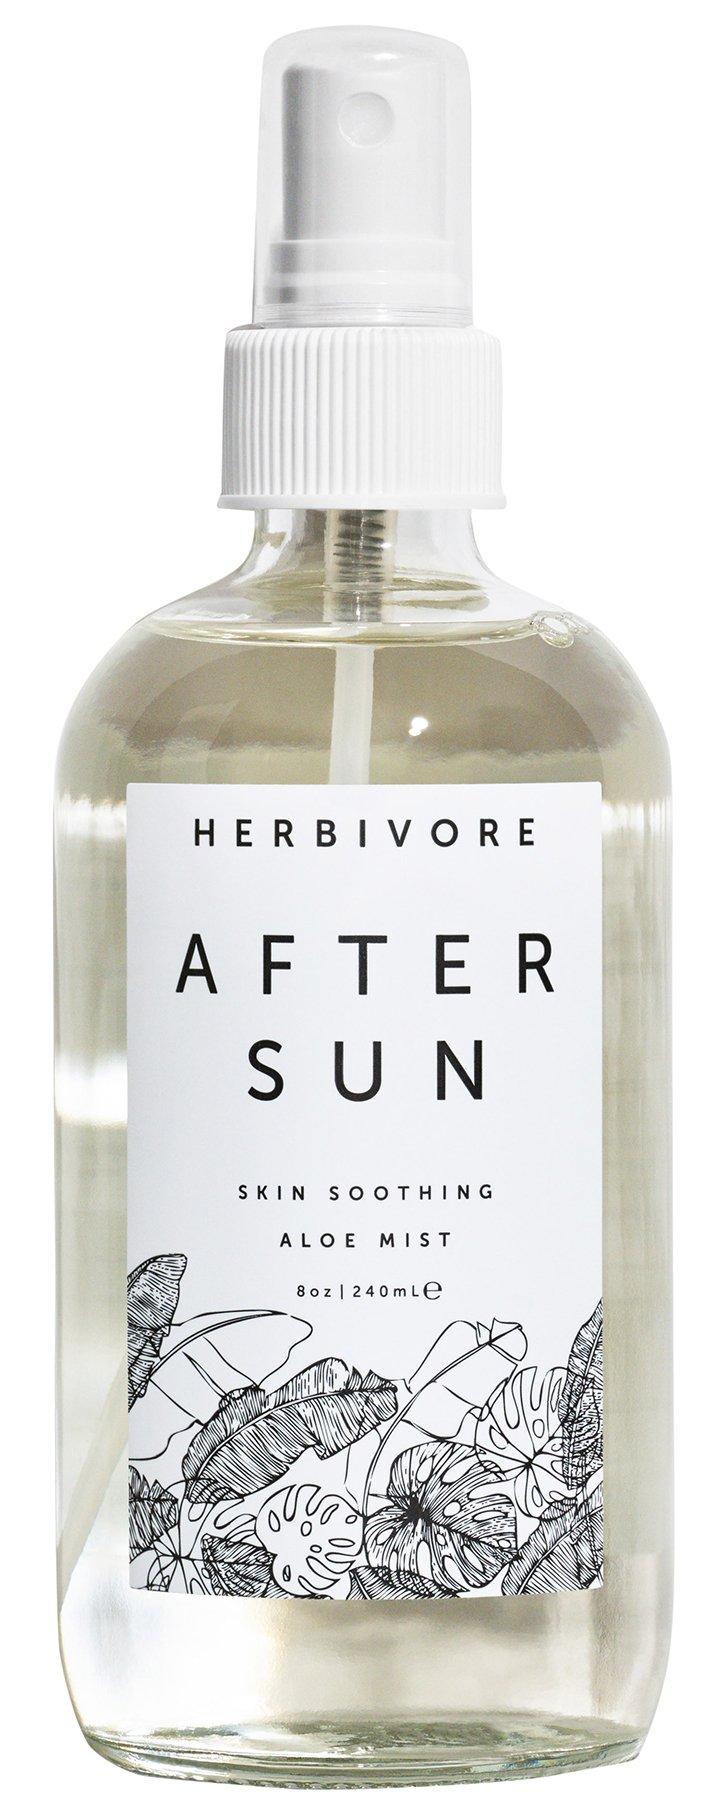 Herbivore Botanicals - All Natural After Sun Refreshing Body Mist (8 oz) by Herbivore Botanicals